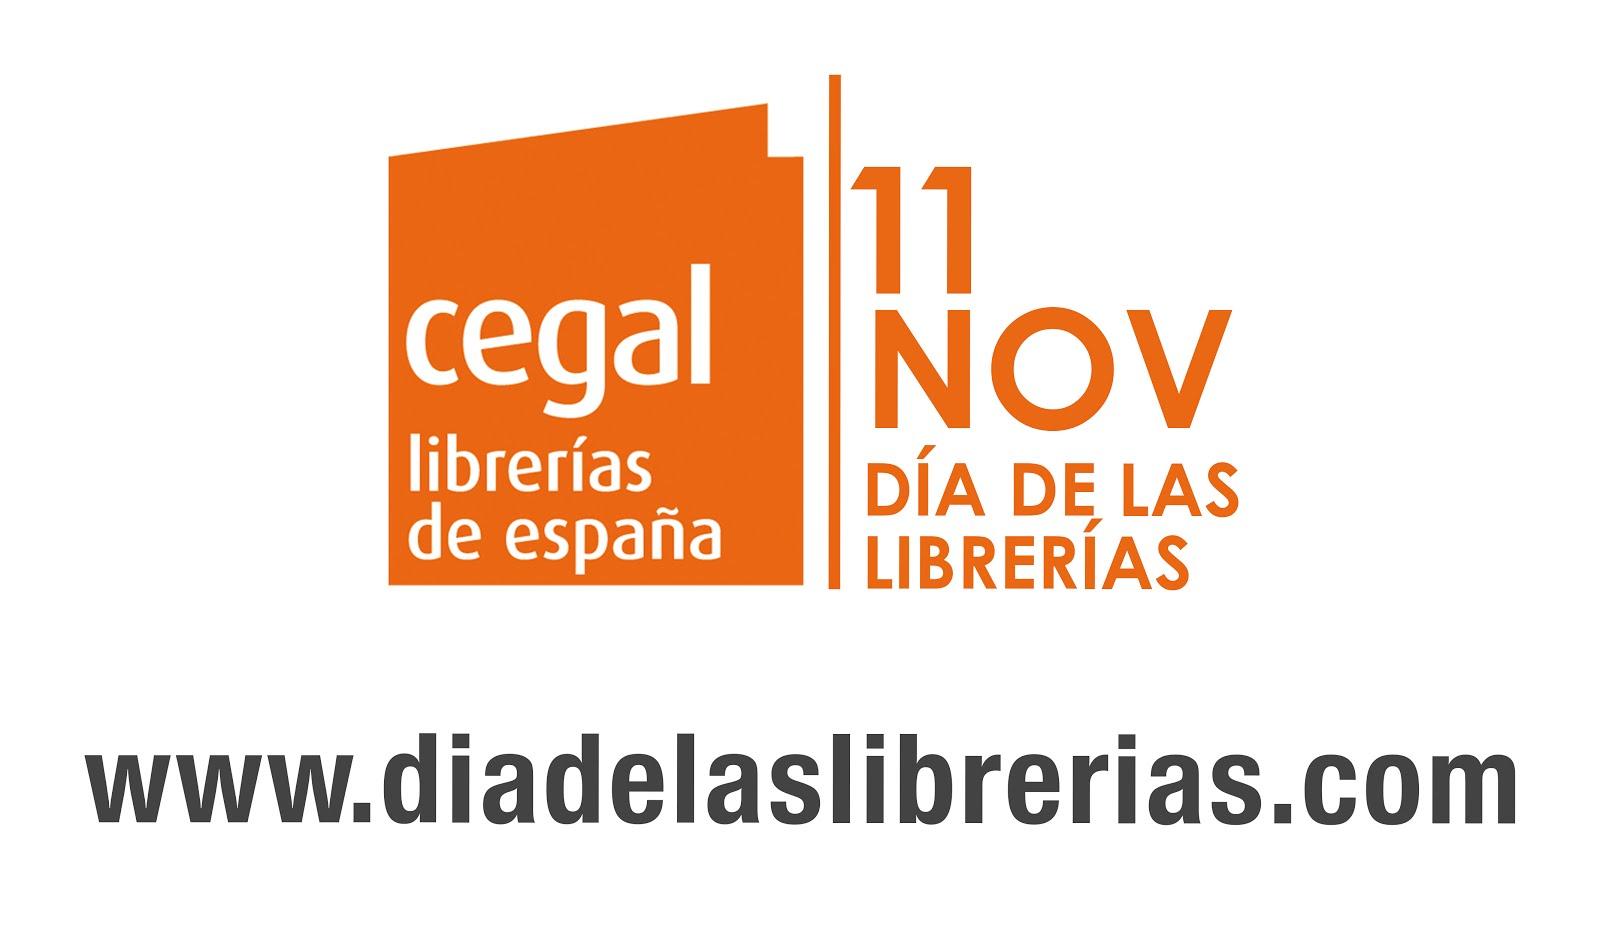 11N Día de las Librerías 2016